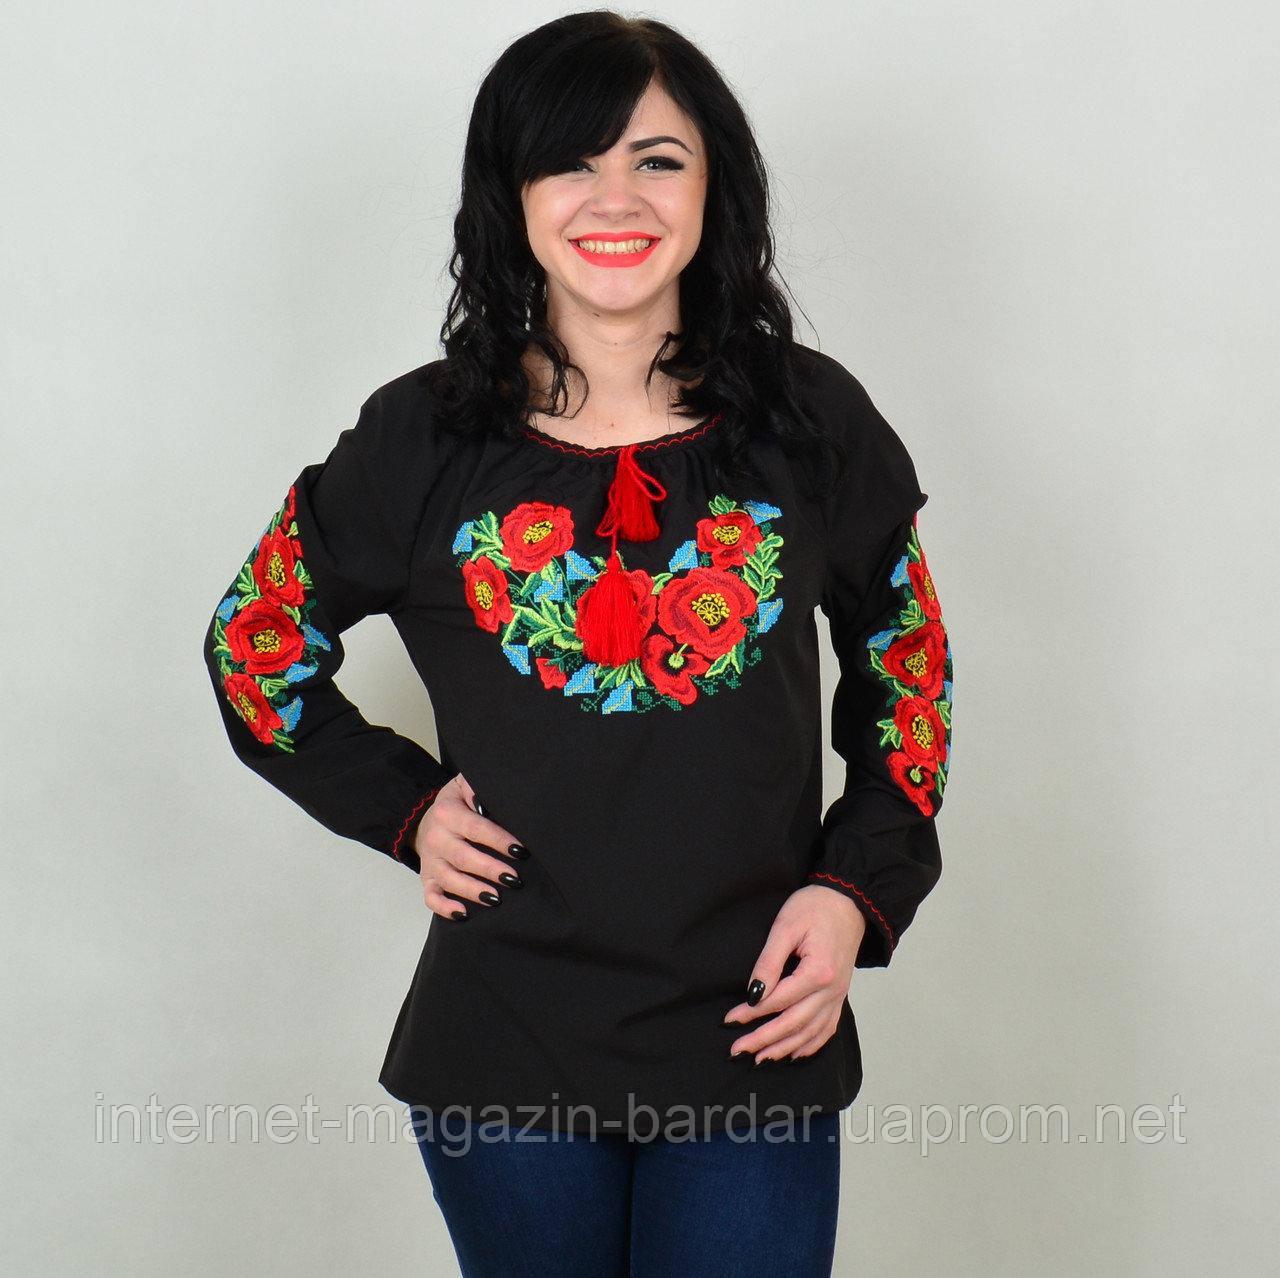 """Женская блузка вышиванка """"Роксолана"""""""